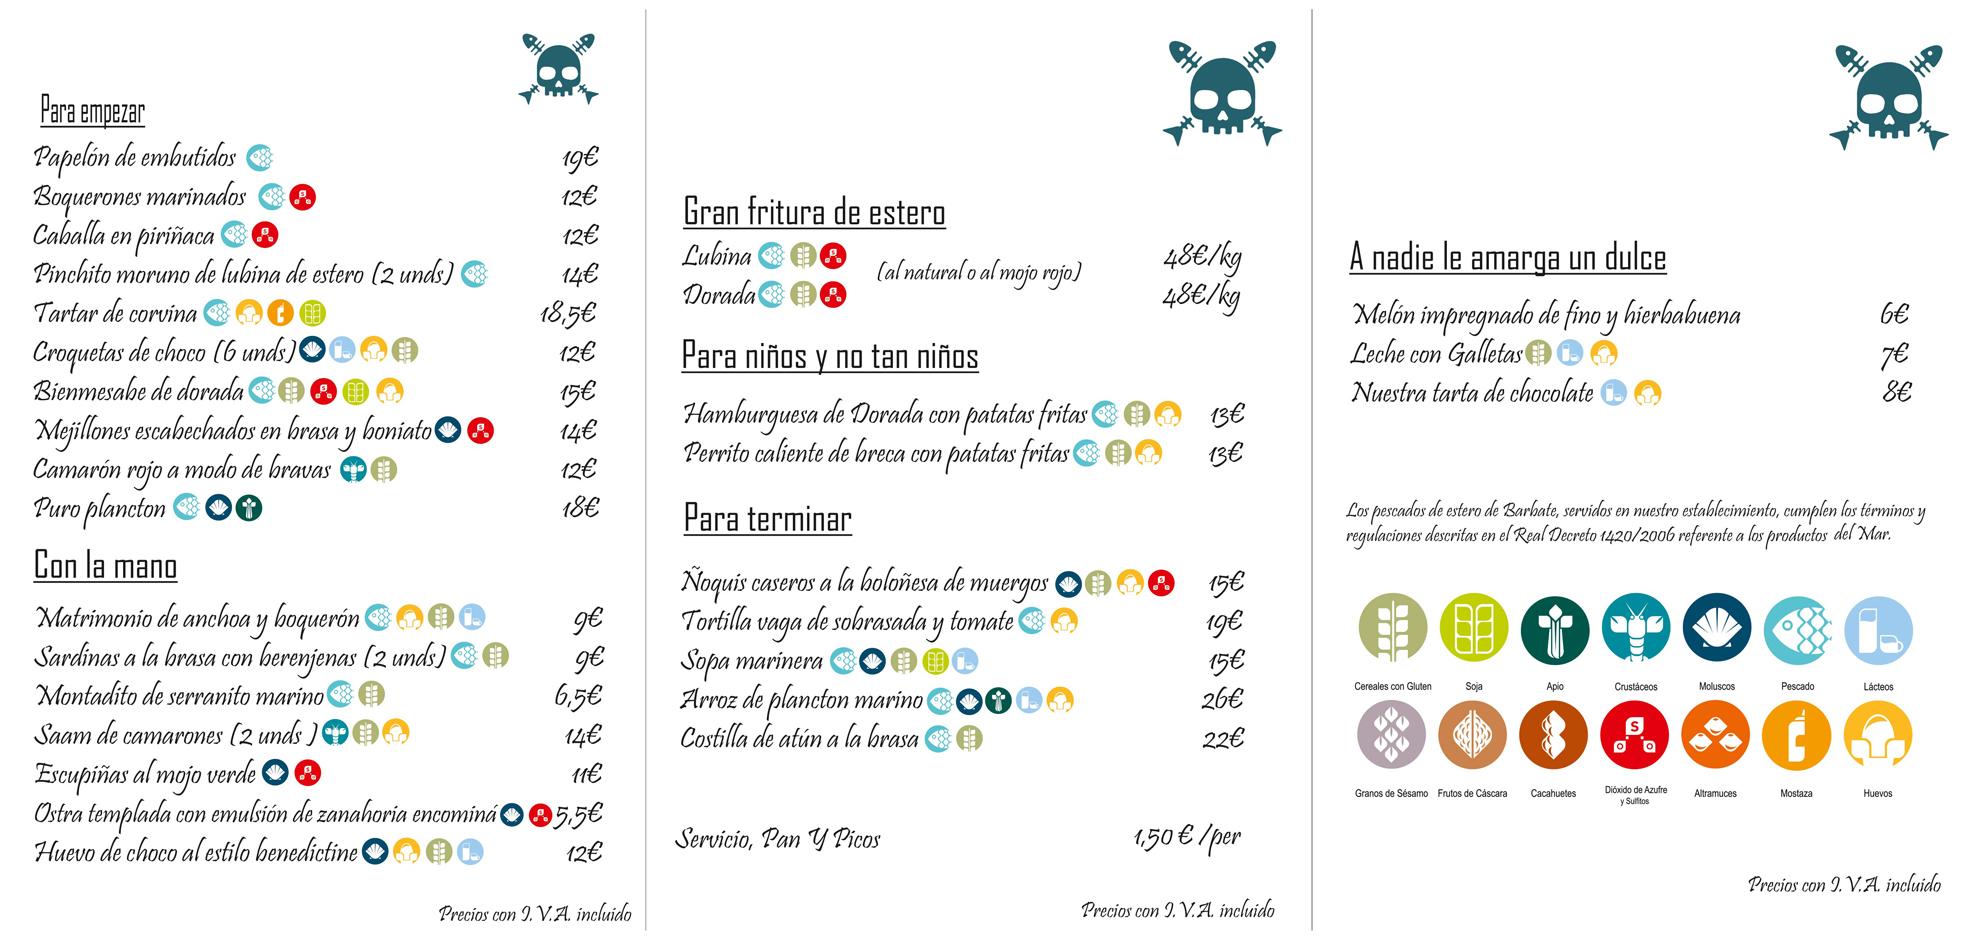 La Taberna del Chef Del Mar | Menu